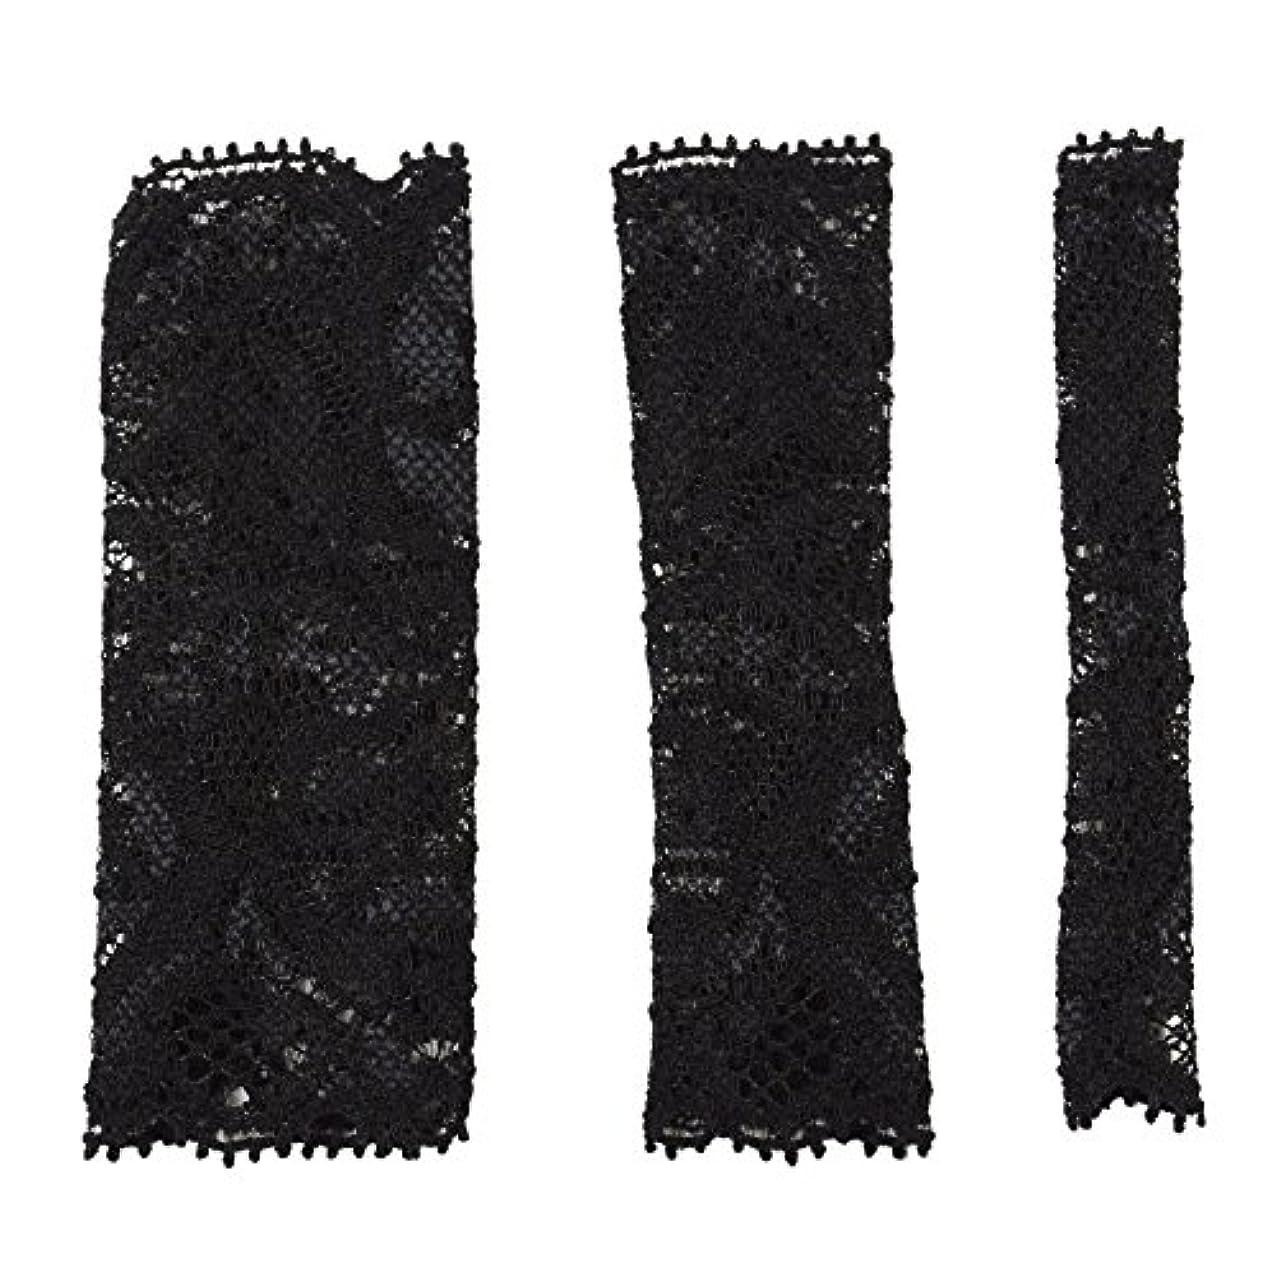 歪める重量フォアマンBCL500BK 六角館さくら堂 ブラッシュキャップ3枚セット ブラック パウダーブラシ チークブラシ アイシャドーブラシ各1枚 ほこりや汚れからブラシから守る 化粧筆カバー ブラシキャップ ブラシカバー レース 特許申請済レース